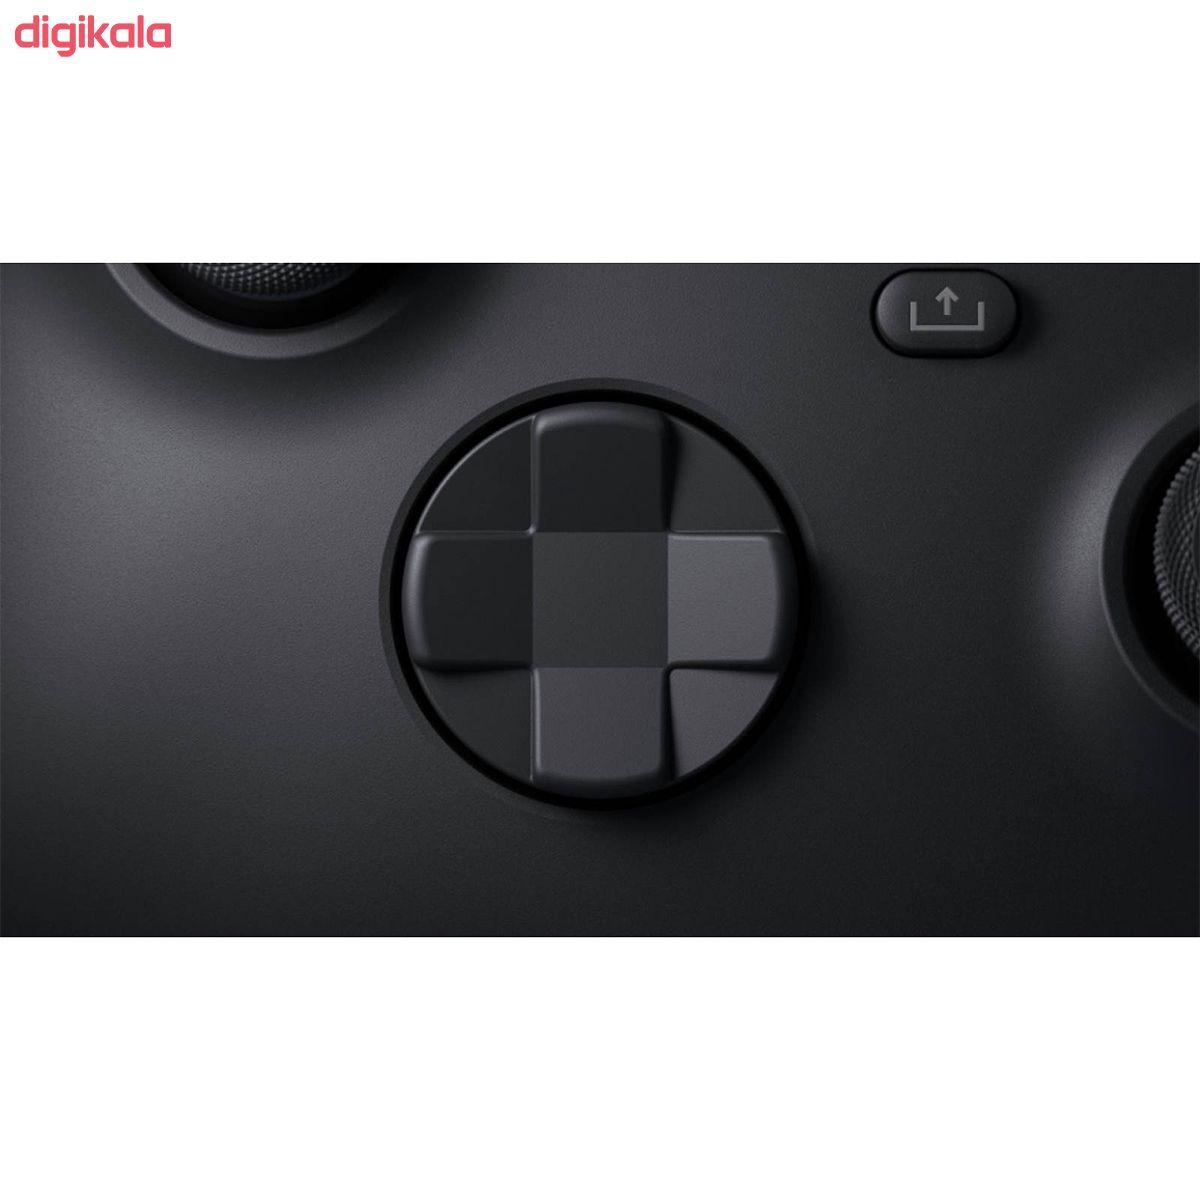 مجموعه کنسول بازی مایکروسافت مدل Xbox Series X ظرفیت 1 ترابایت main 1 7